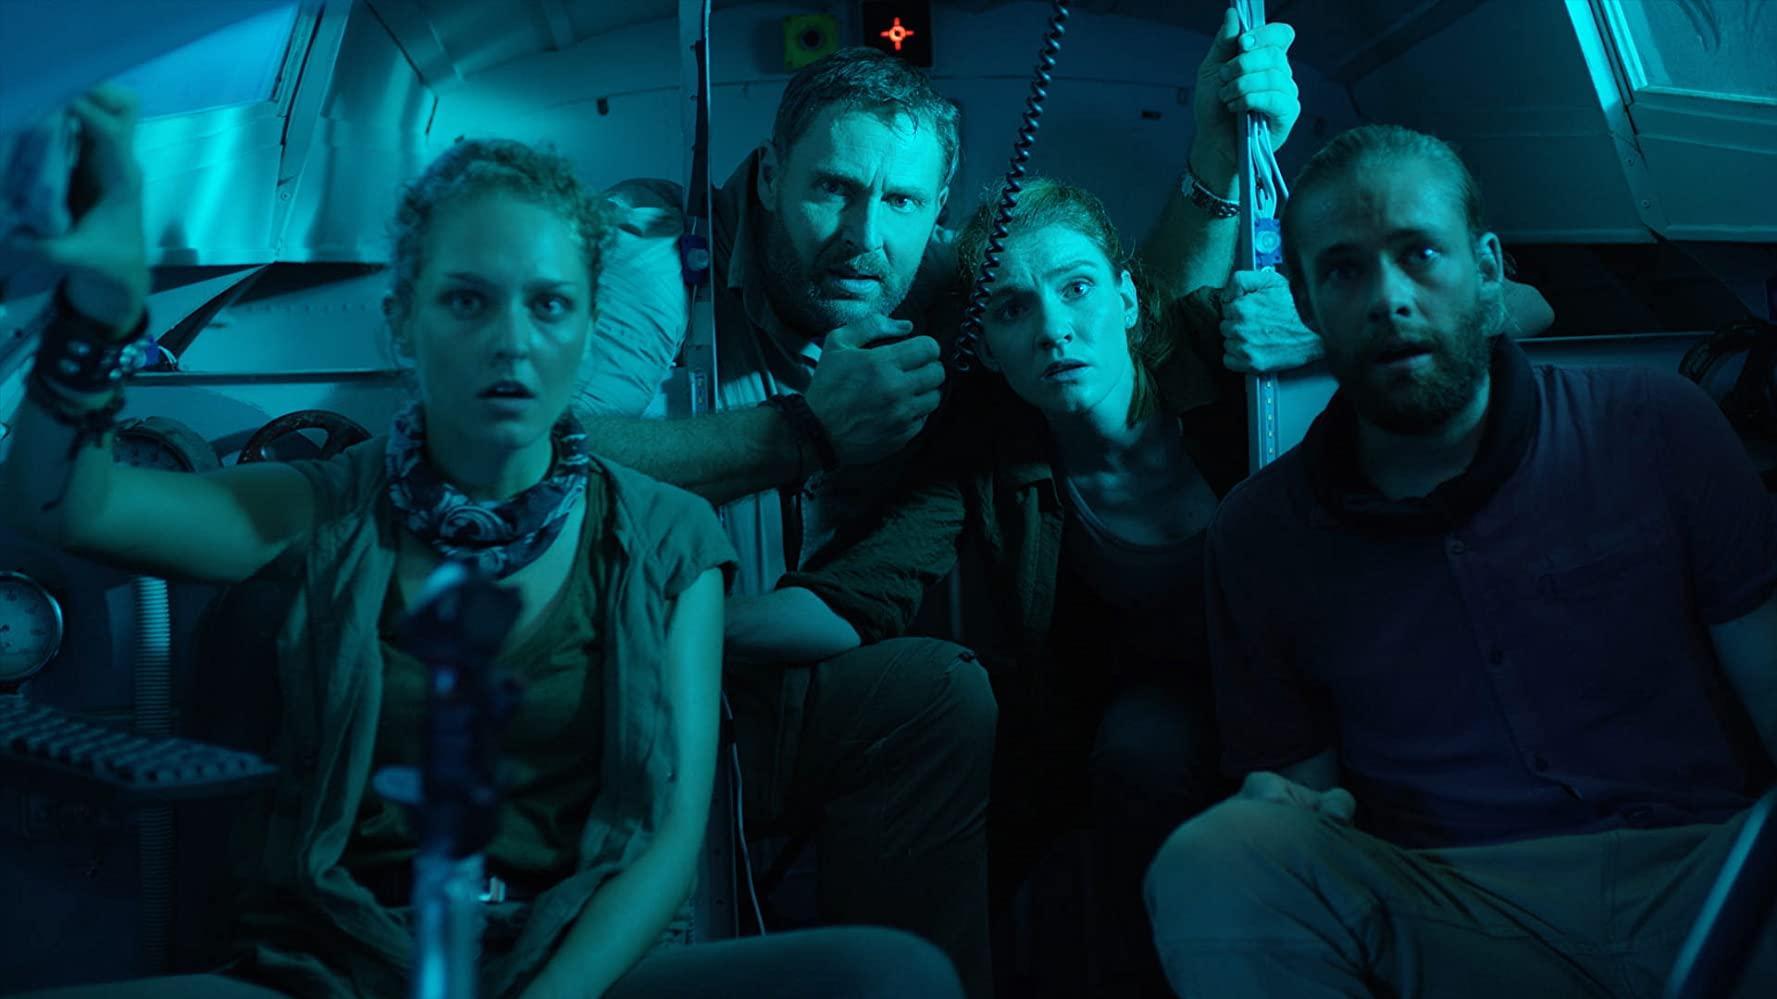 مشاهدة فيلم Monster Island (2019) مترجم HD اون لاين